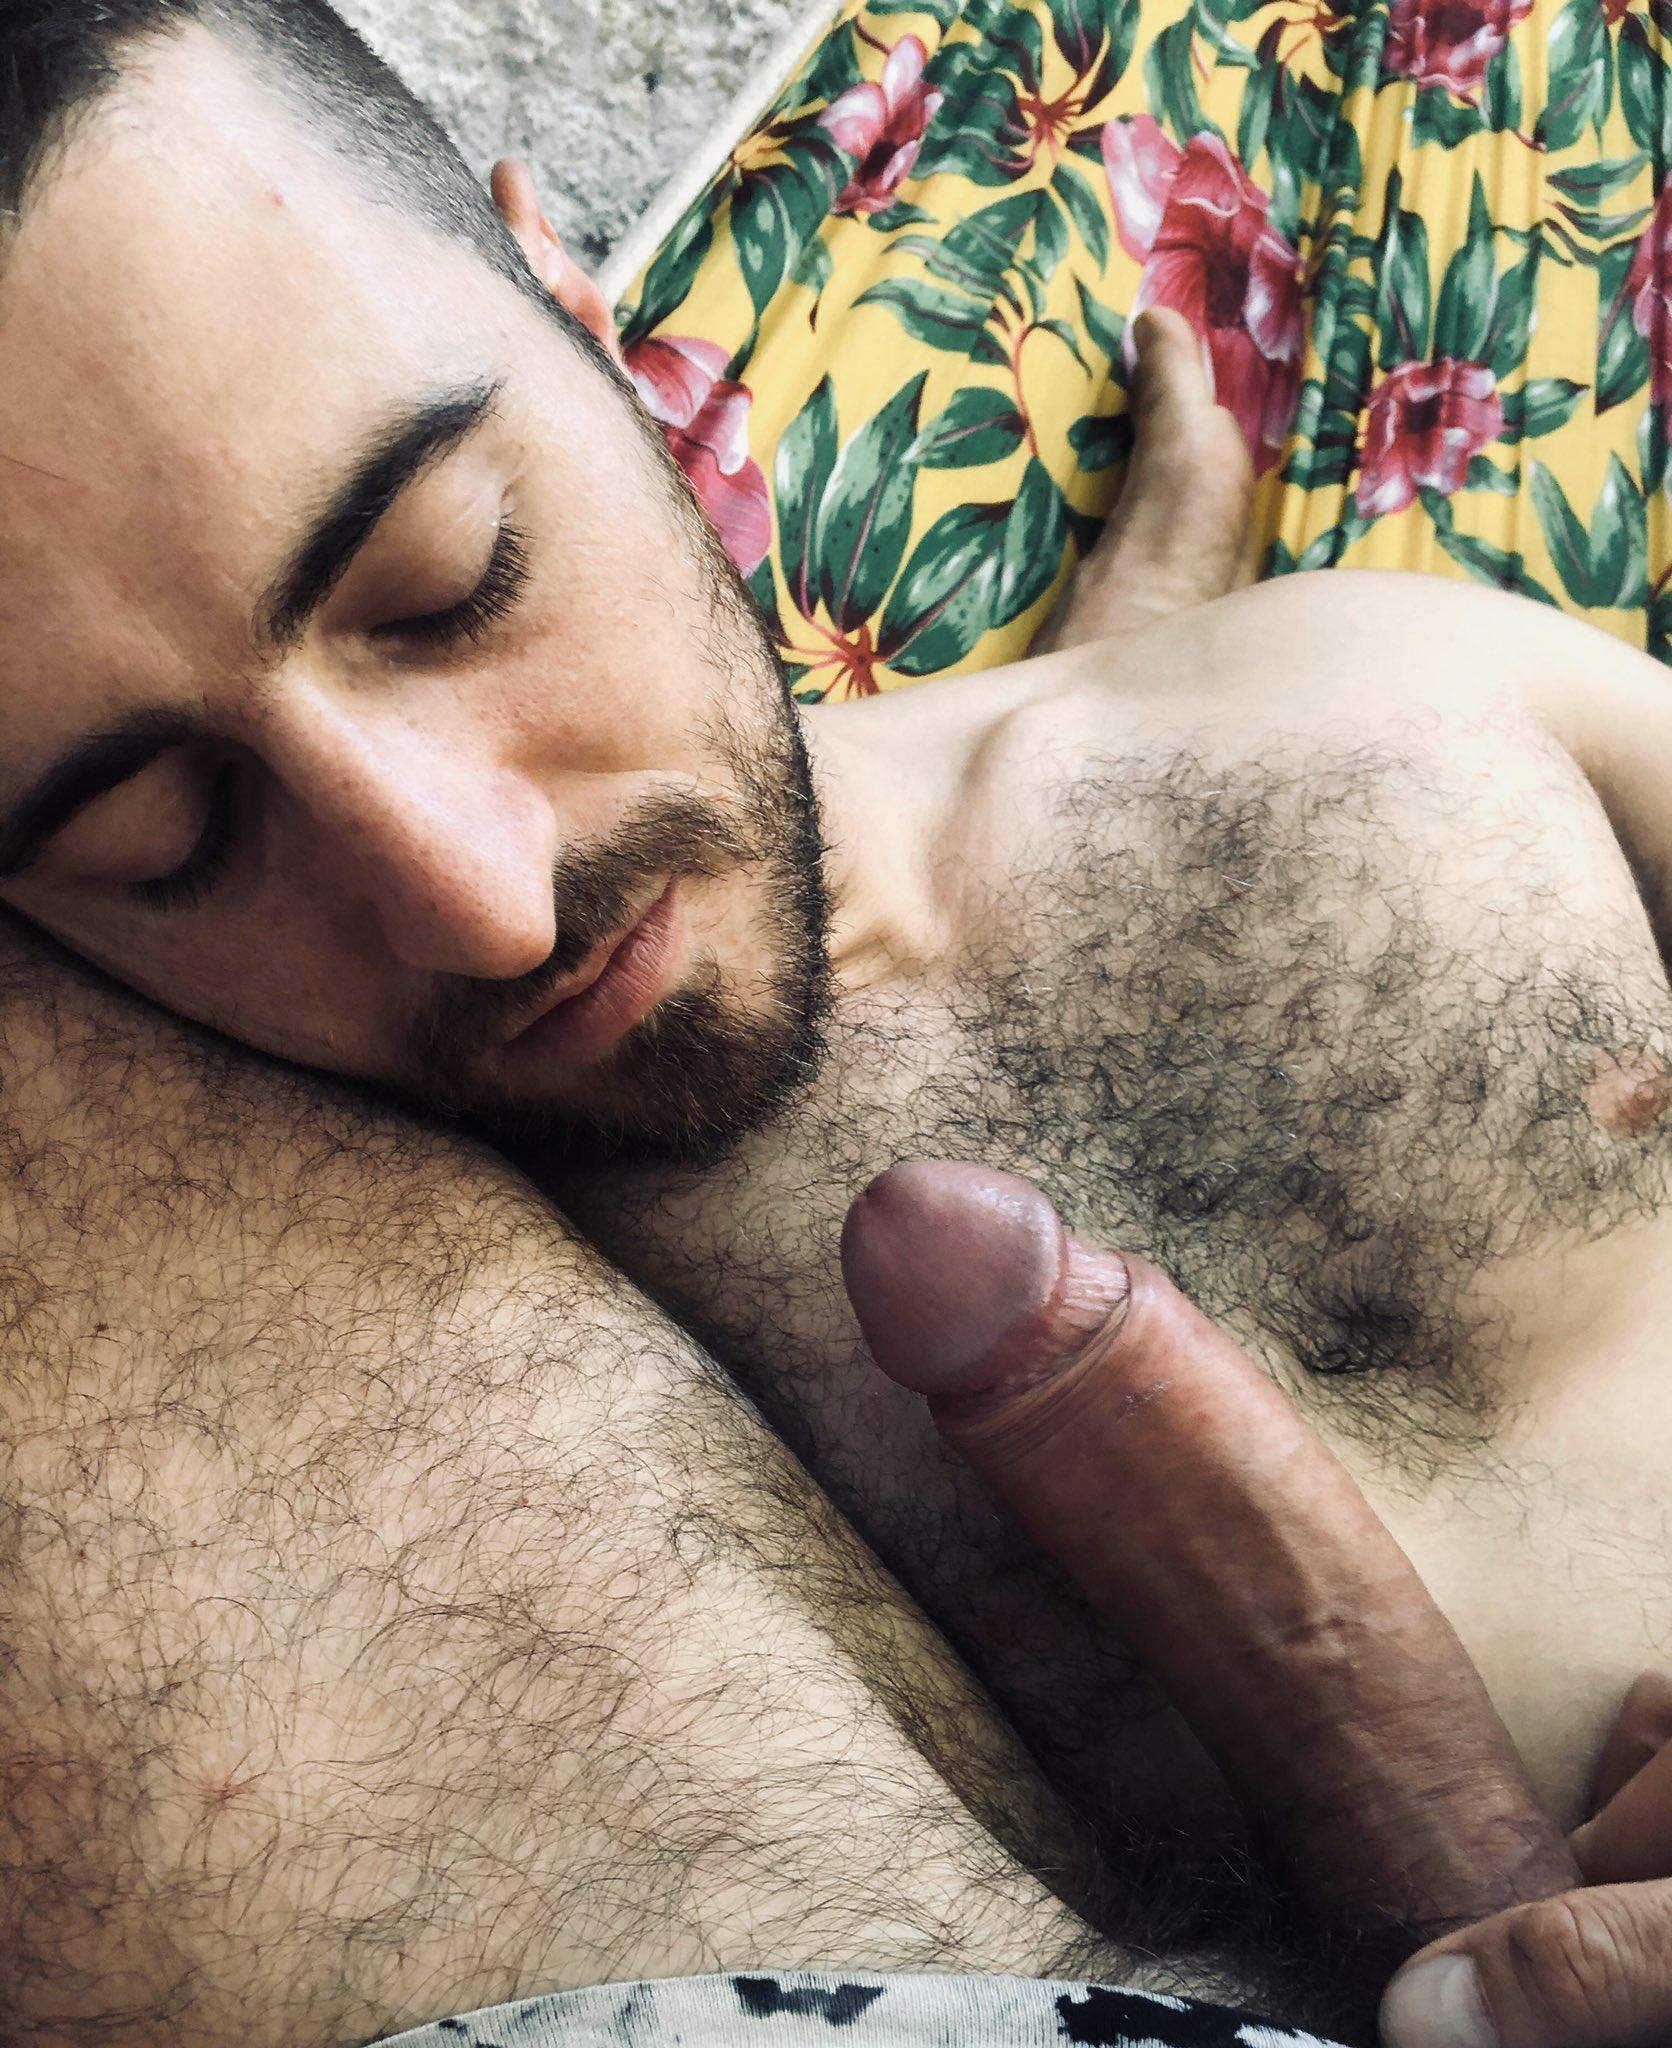 oral sexo